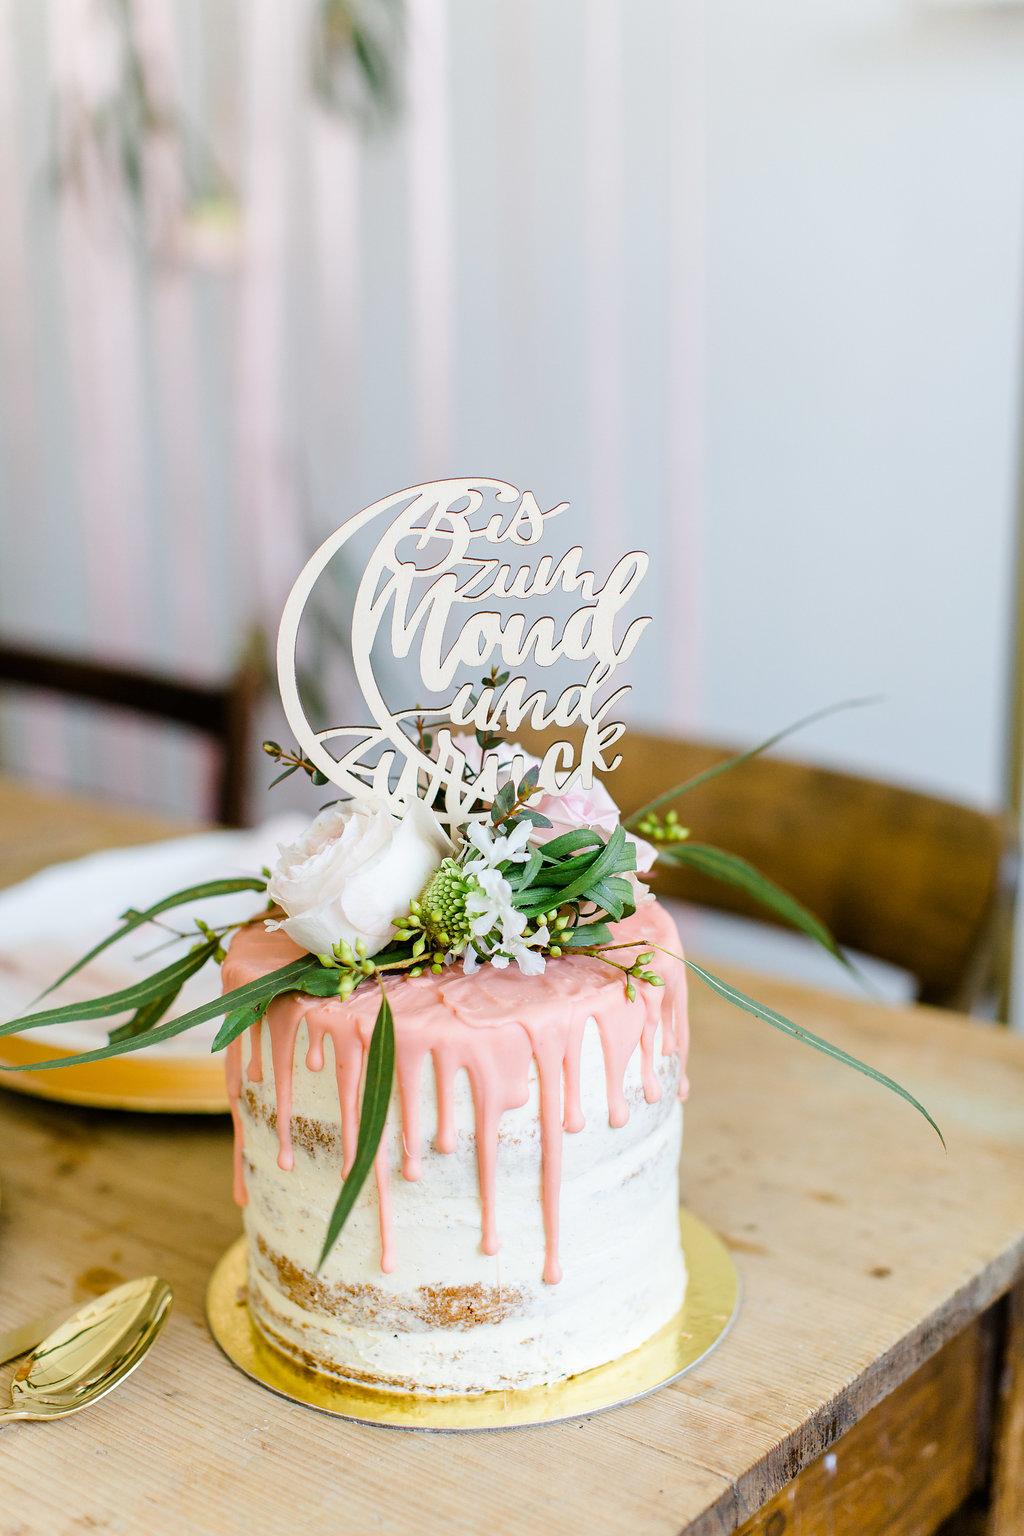 Cake Topper  Bis zum Mond und zurück, Cake Topper Hochzeit, Tortentopper Hochzeit, Cake Topper Taufe